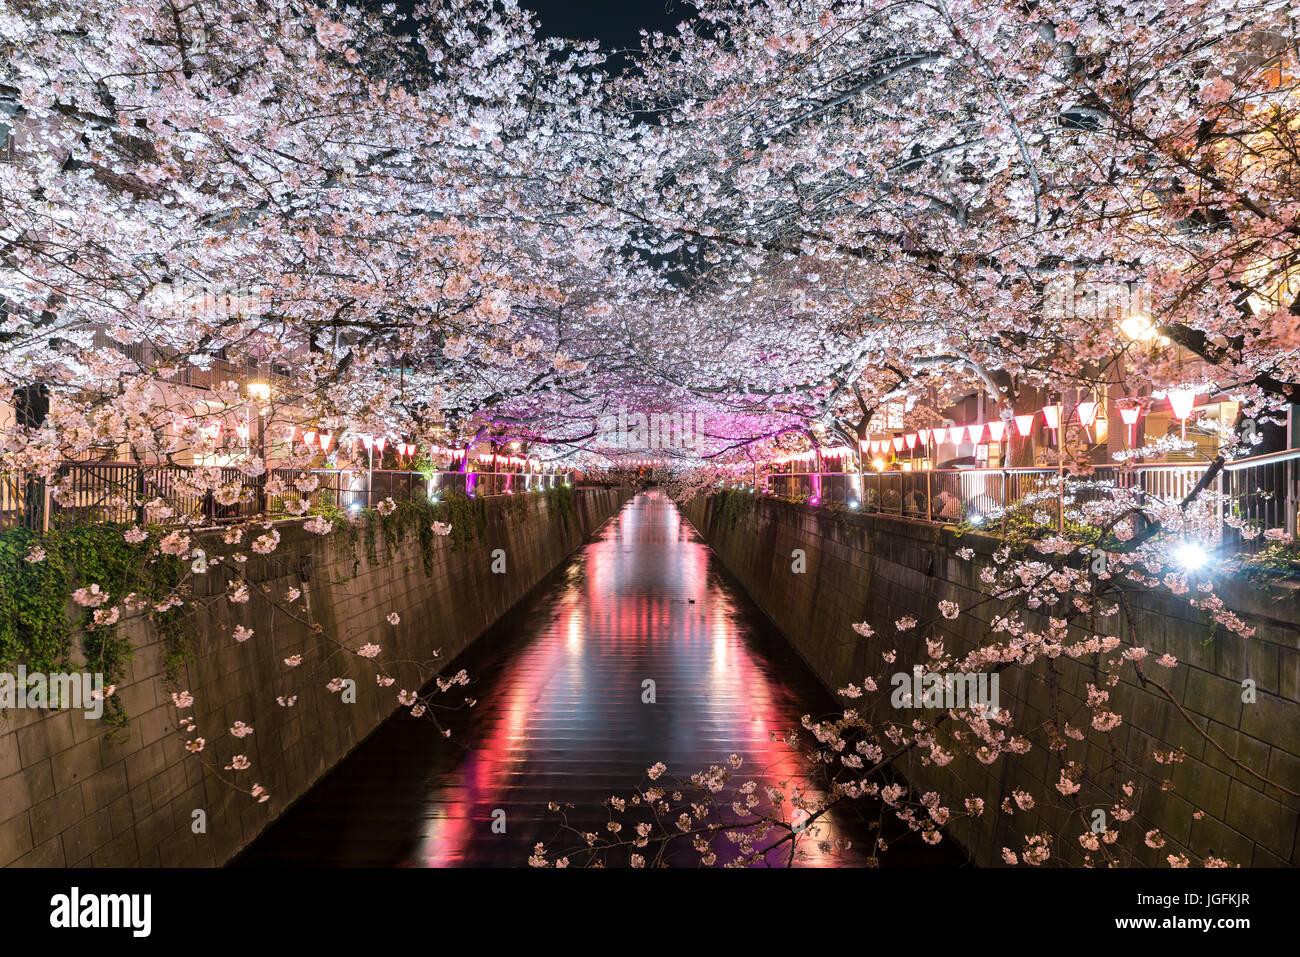 Flor de Cerezo forrada Meguro Canal por la noche en Tokio, Japón. Primavera en abril en Tokio, Japón. Imagen De Stock